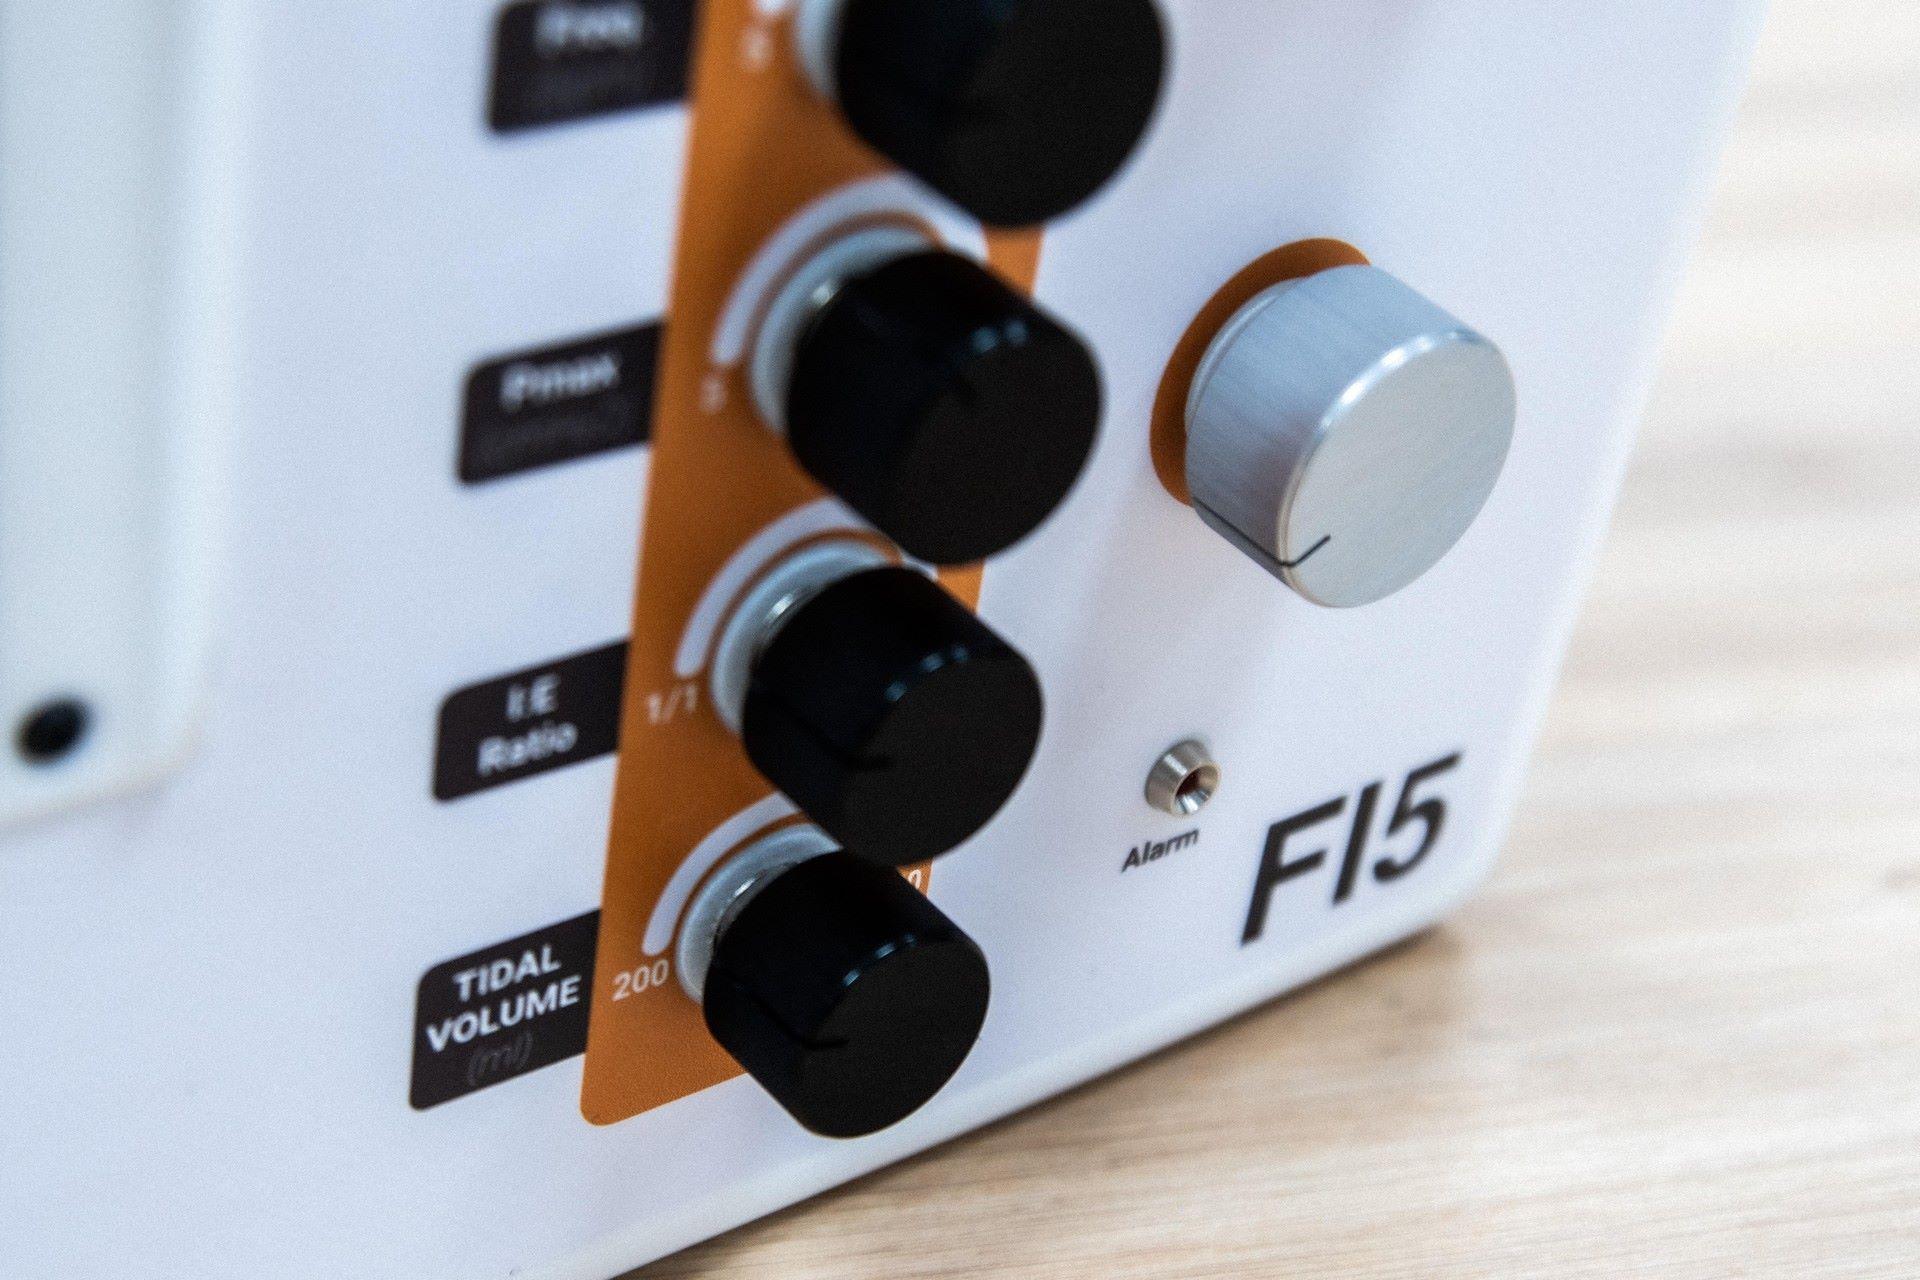 Ferrari-FI5-Ventilator-9